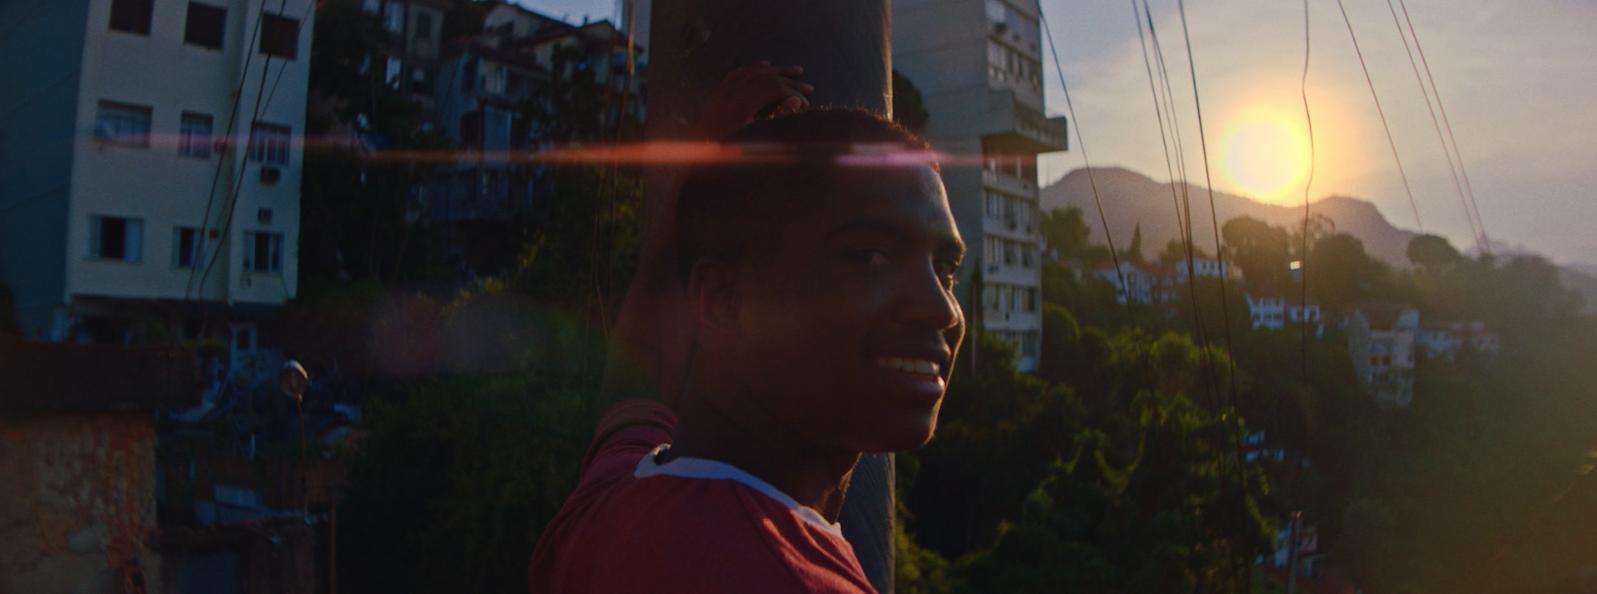 Um rapaz sorri em uma rua ao pôr-do-sol